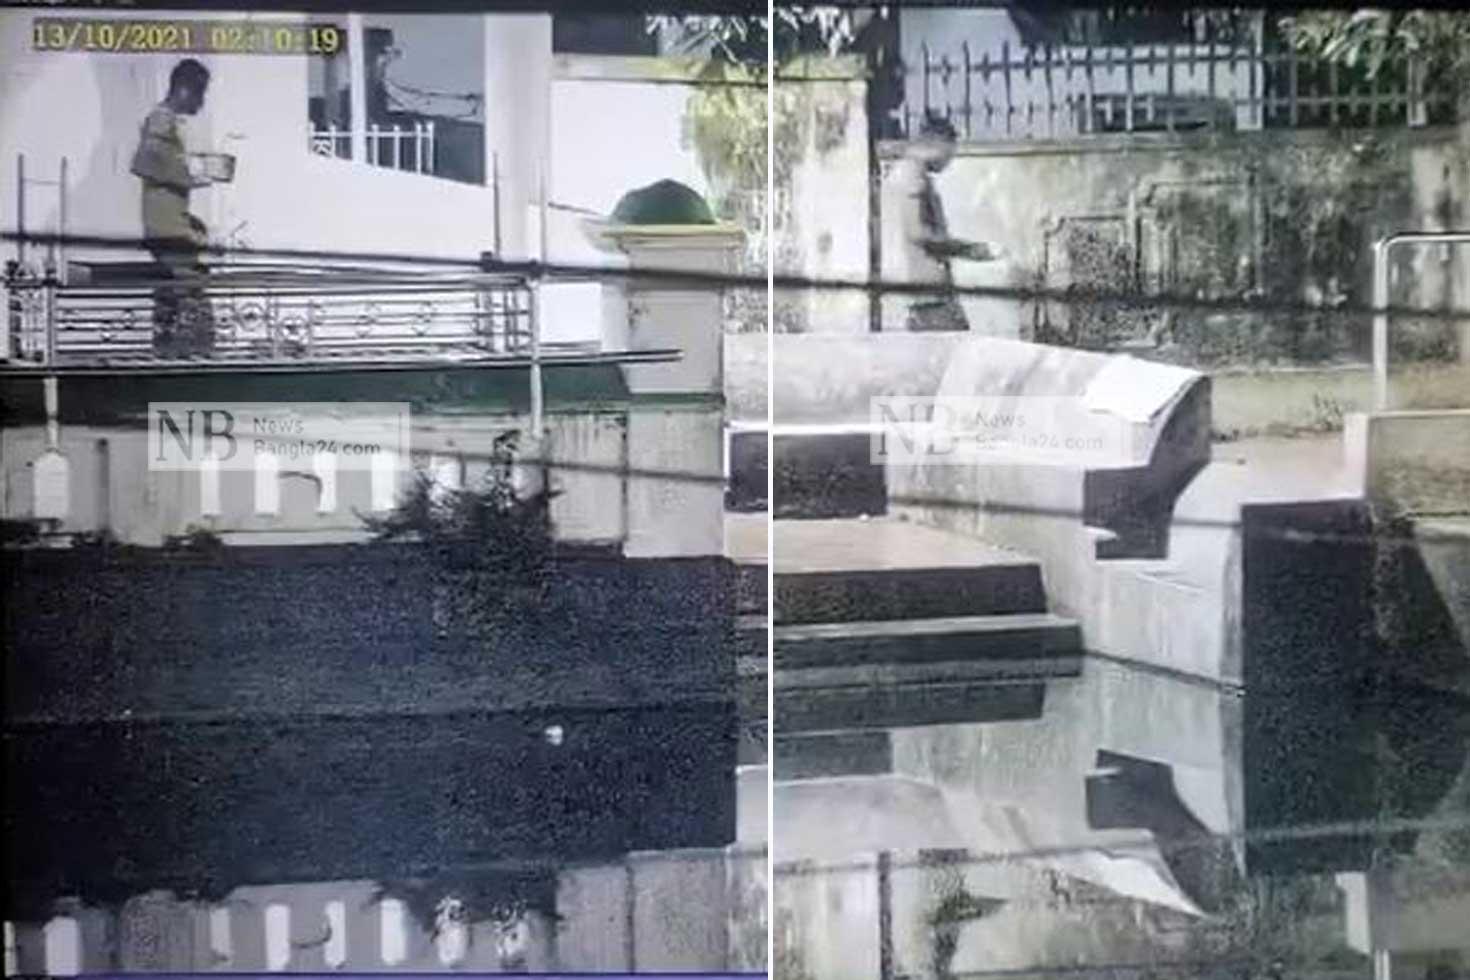 কুমিল্লার সেই মসজিদের বারান্দায় আর কোরআন রাখা হবে না